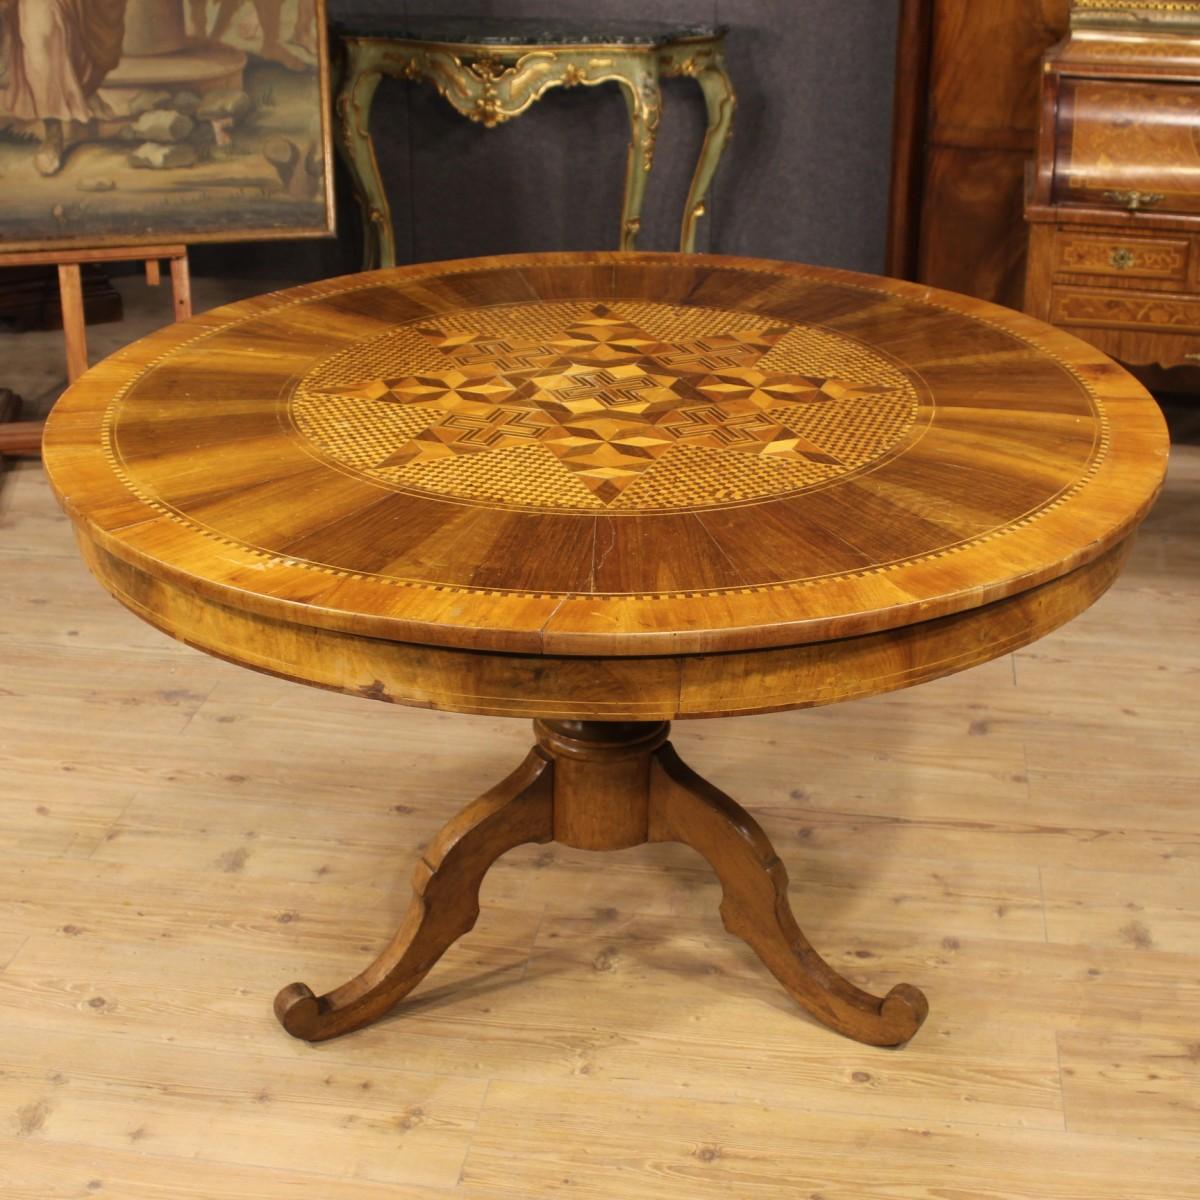 Tavolo da salotto legno scolpito intarsiato gambo centrale - Tavolo da salotto ...